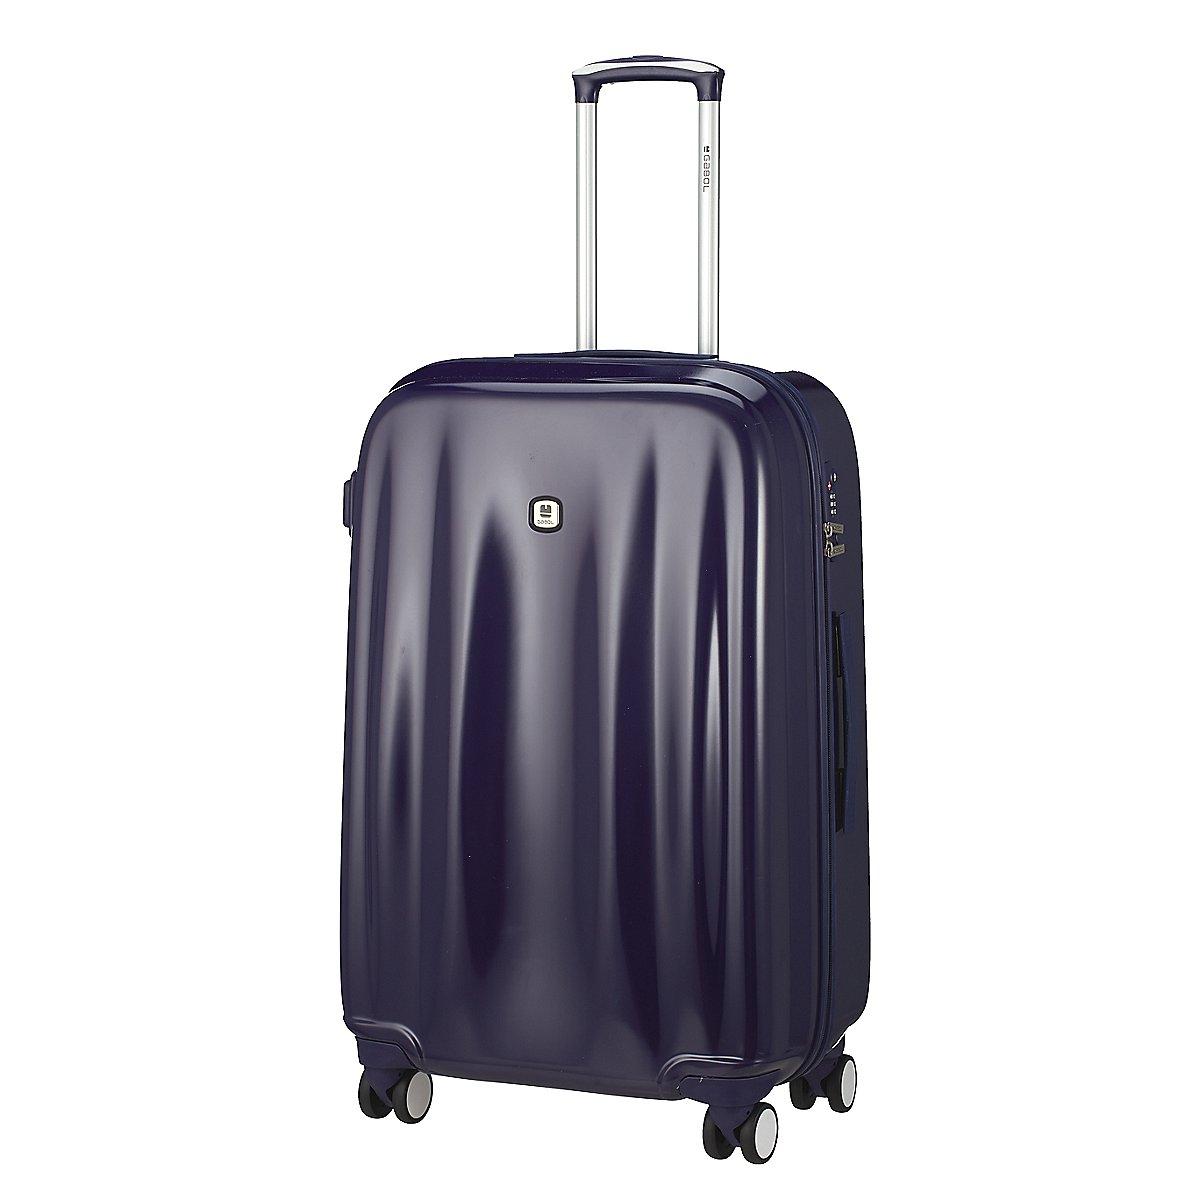 gabol wave 4 rollen trolley 77 cm koffer. Black Bedroom Furniture Sets. Home Design Ideas